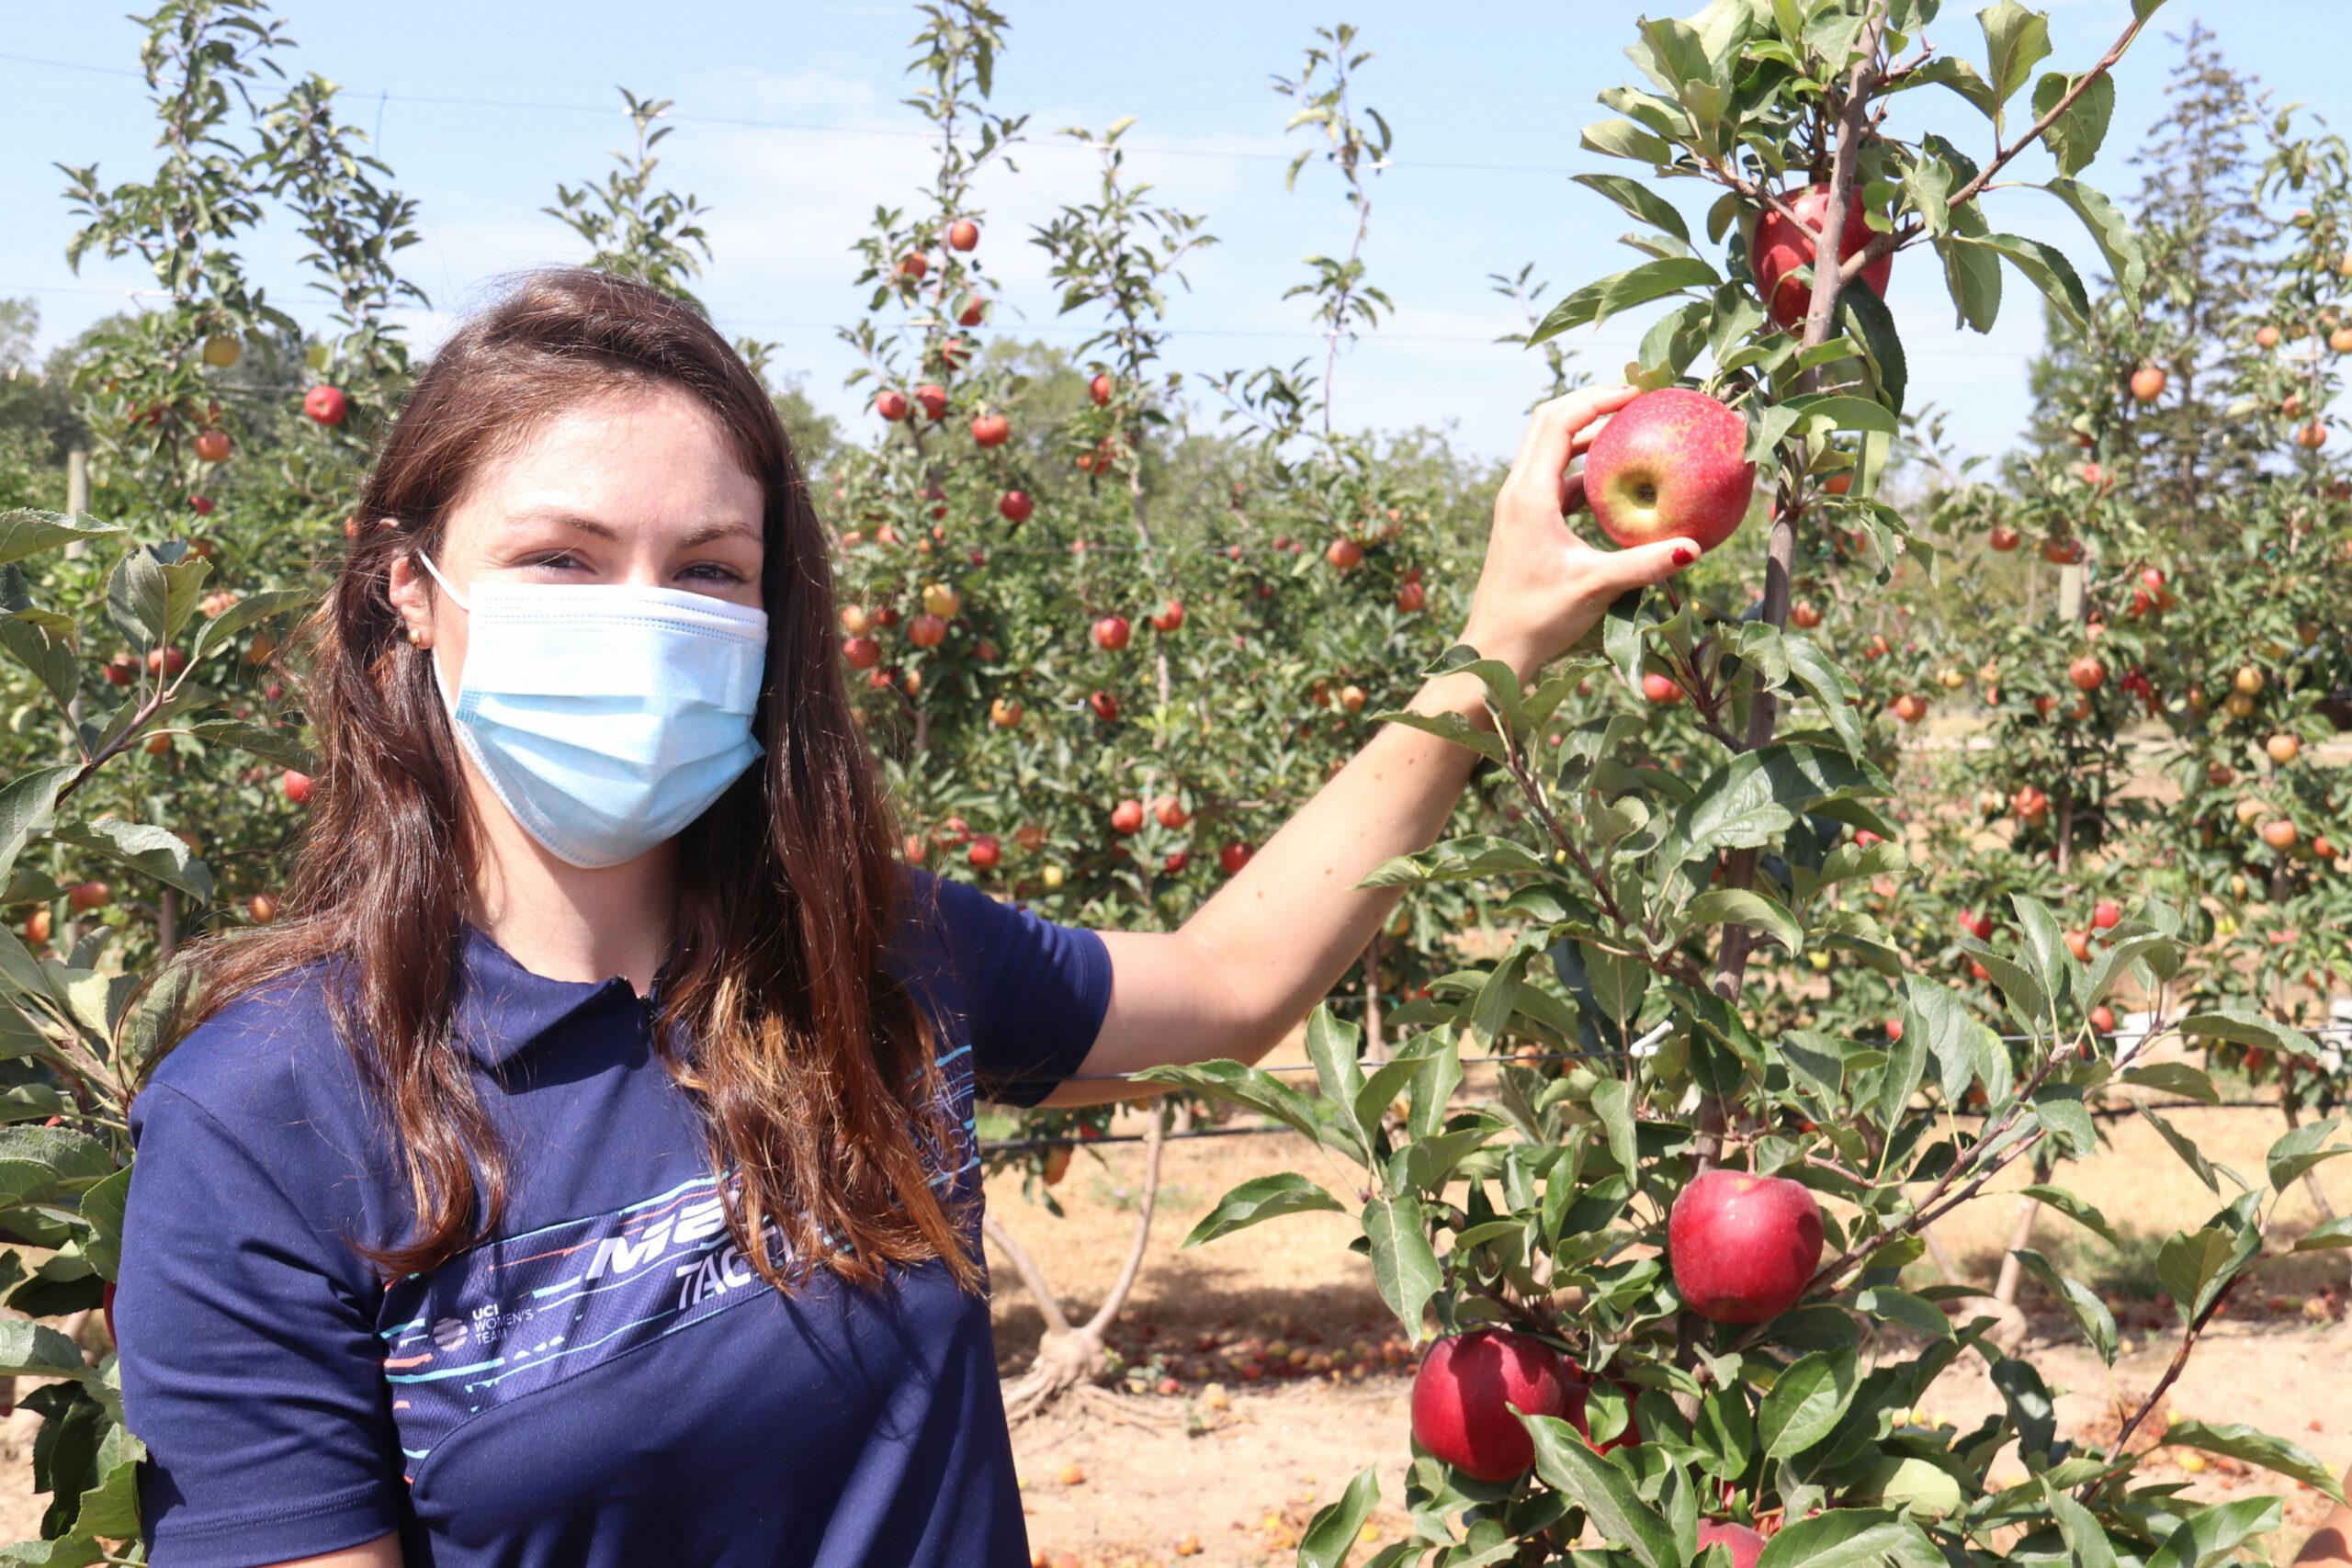 Una de les ciclistes de l'equip femení de ciclisme Massi Tactic, Ariadna Trias, recollint la primera poma de la IGP Poma de Girona  | ACN